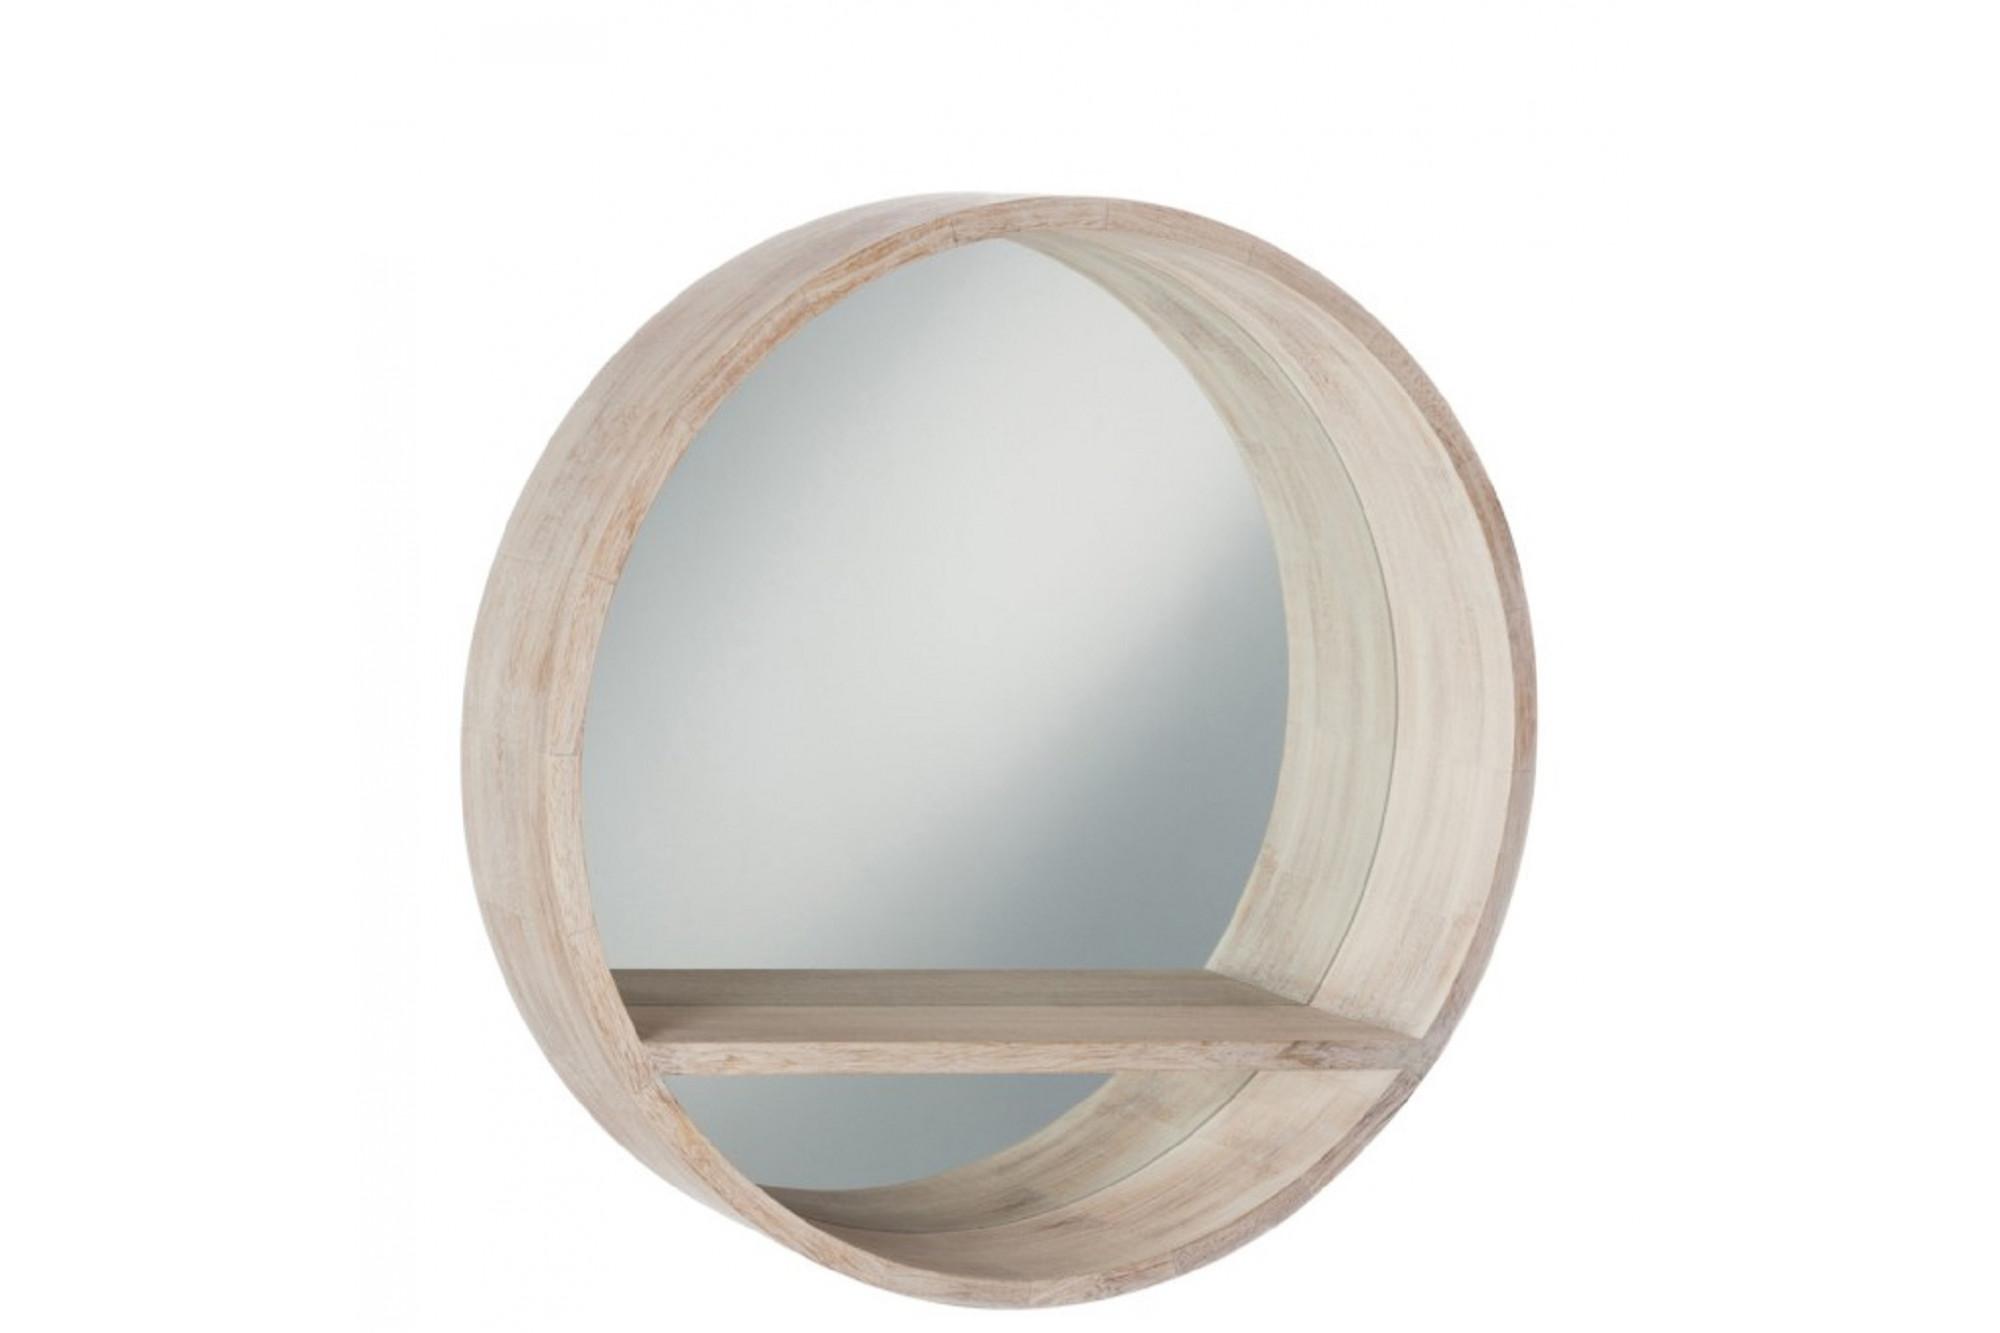 miroir rond avec contour et tablette en bois blanchi hellin. Black Bedroom Furniture Sets. Home Design Ideas